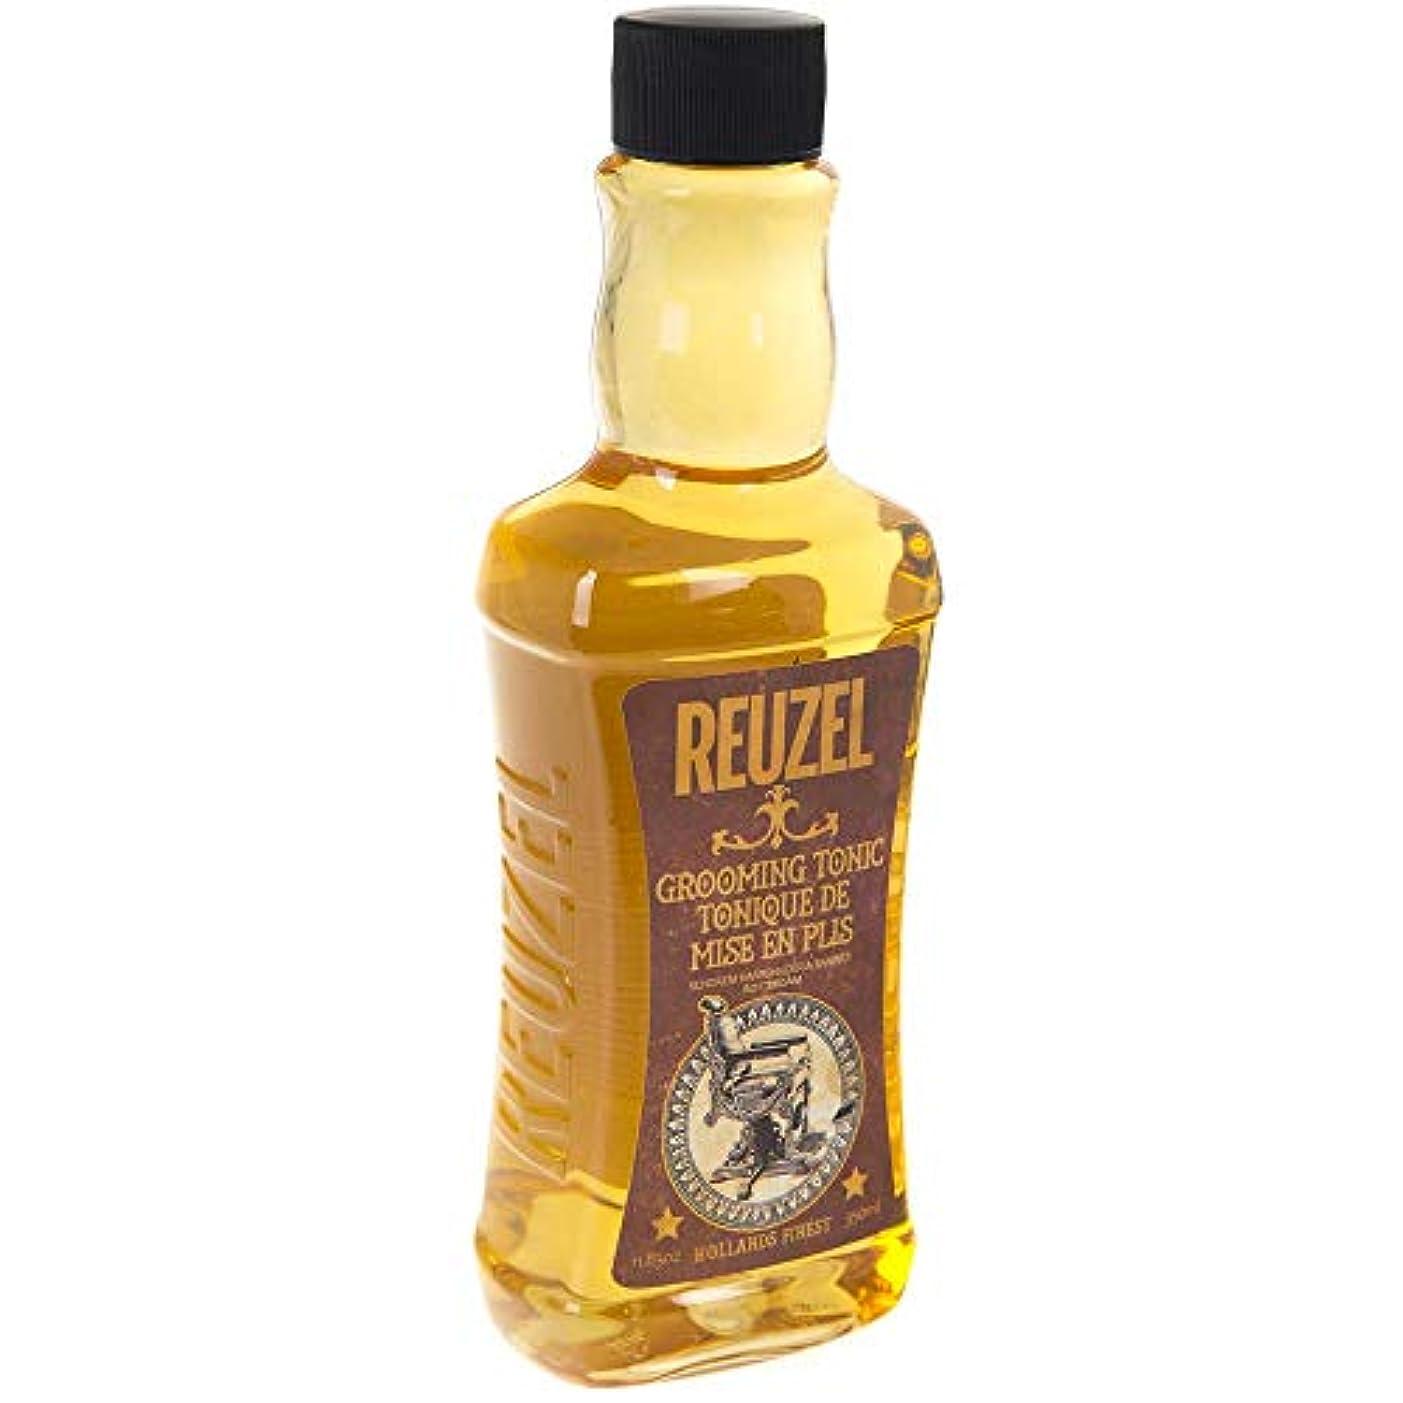 読みやすさ間違っている医療のルーゾー グルーミング トニック Reuzel Grooming Tonic 350 ml [並行輸入品]